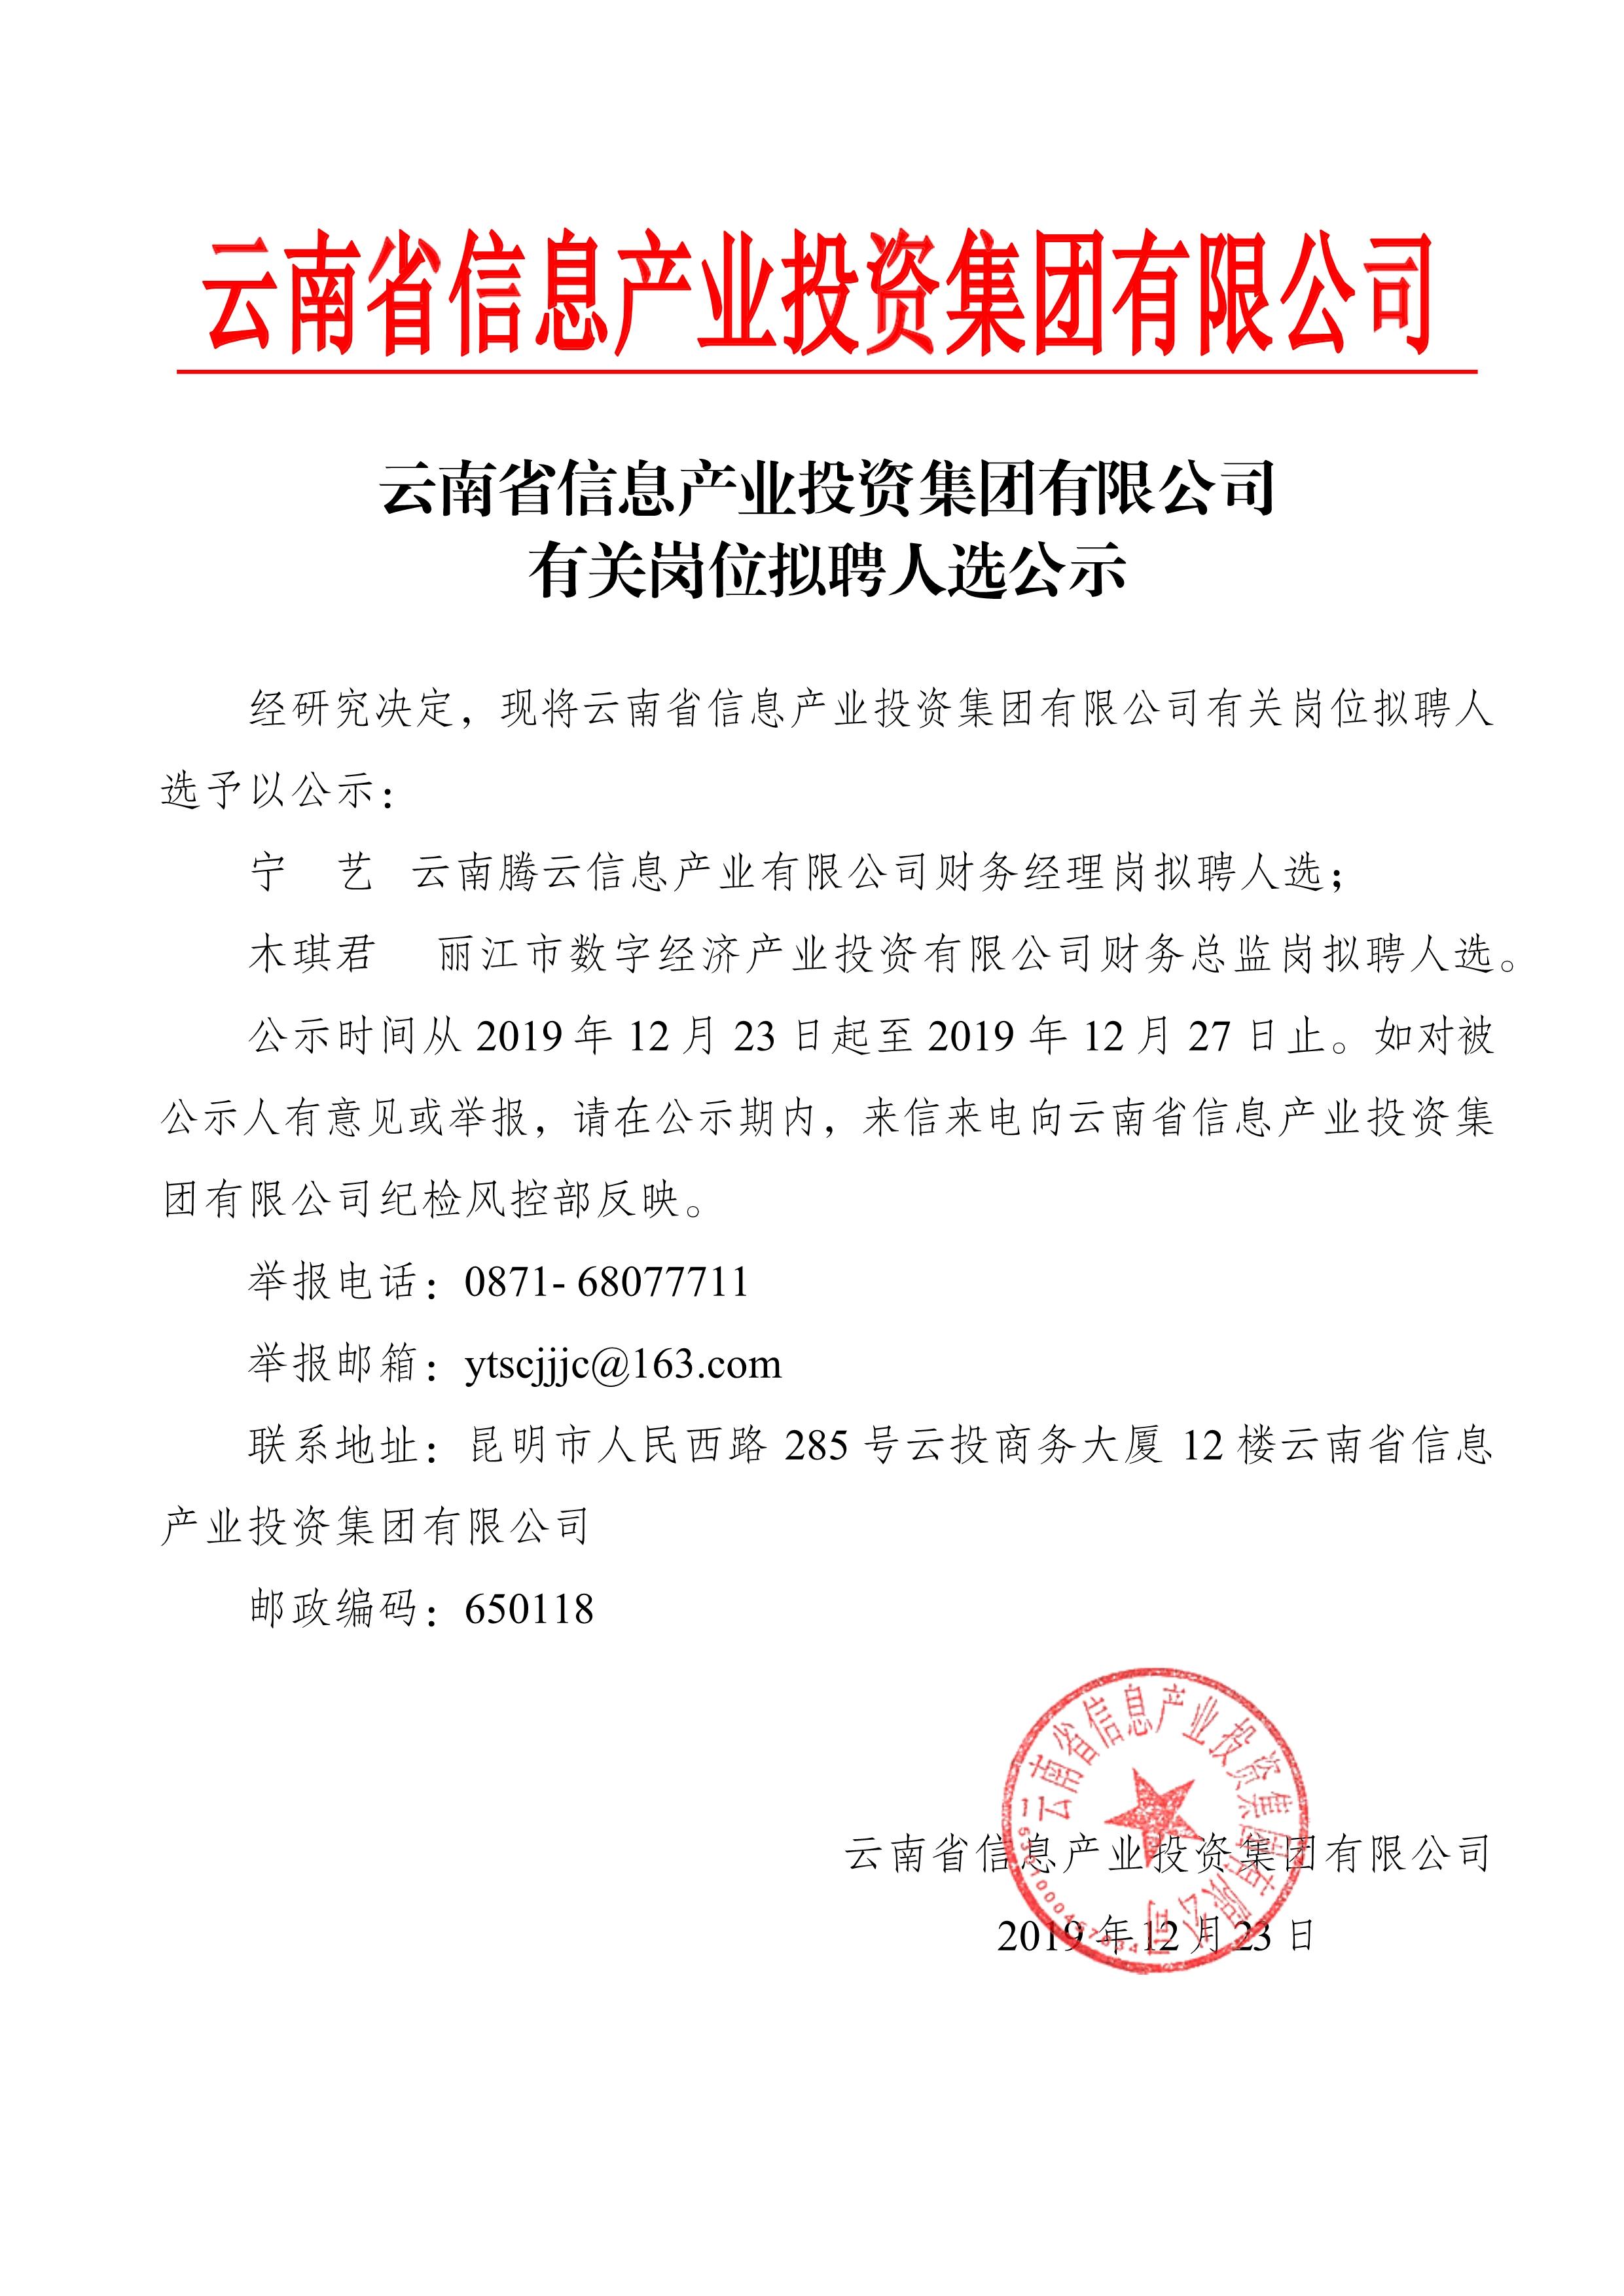 云南省信息产业投资集团有限公司有关岗位拟聘人选公示-12.24